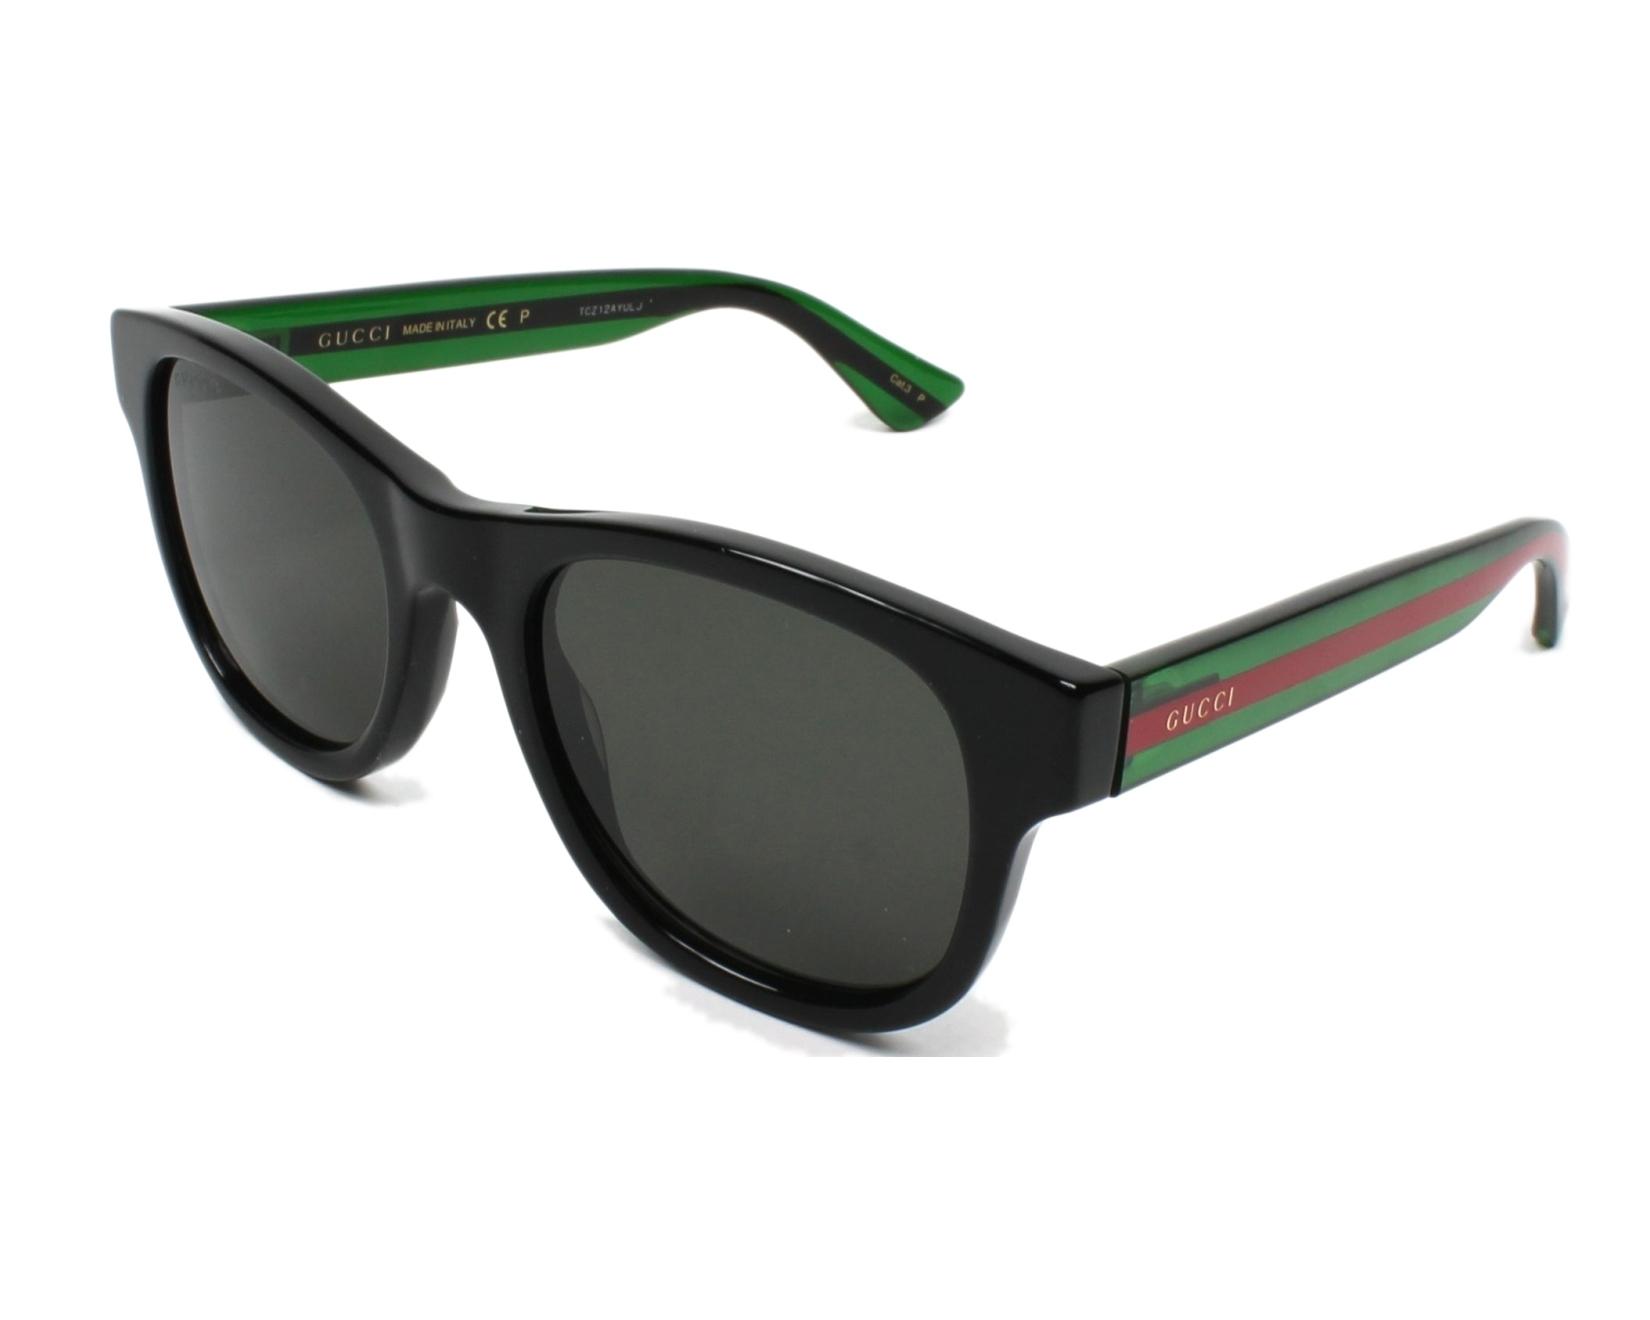 5f7bd1aea0 Sunglasses Gucci GG-0003-S 006 52-21 Black profile view